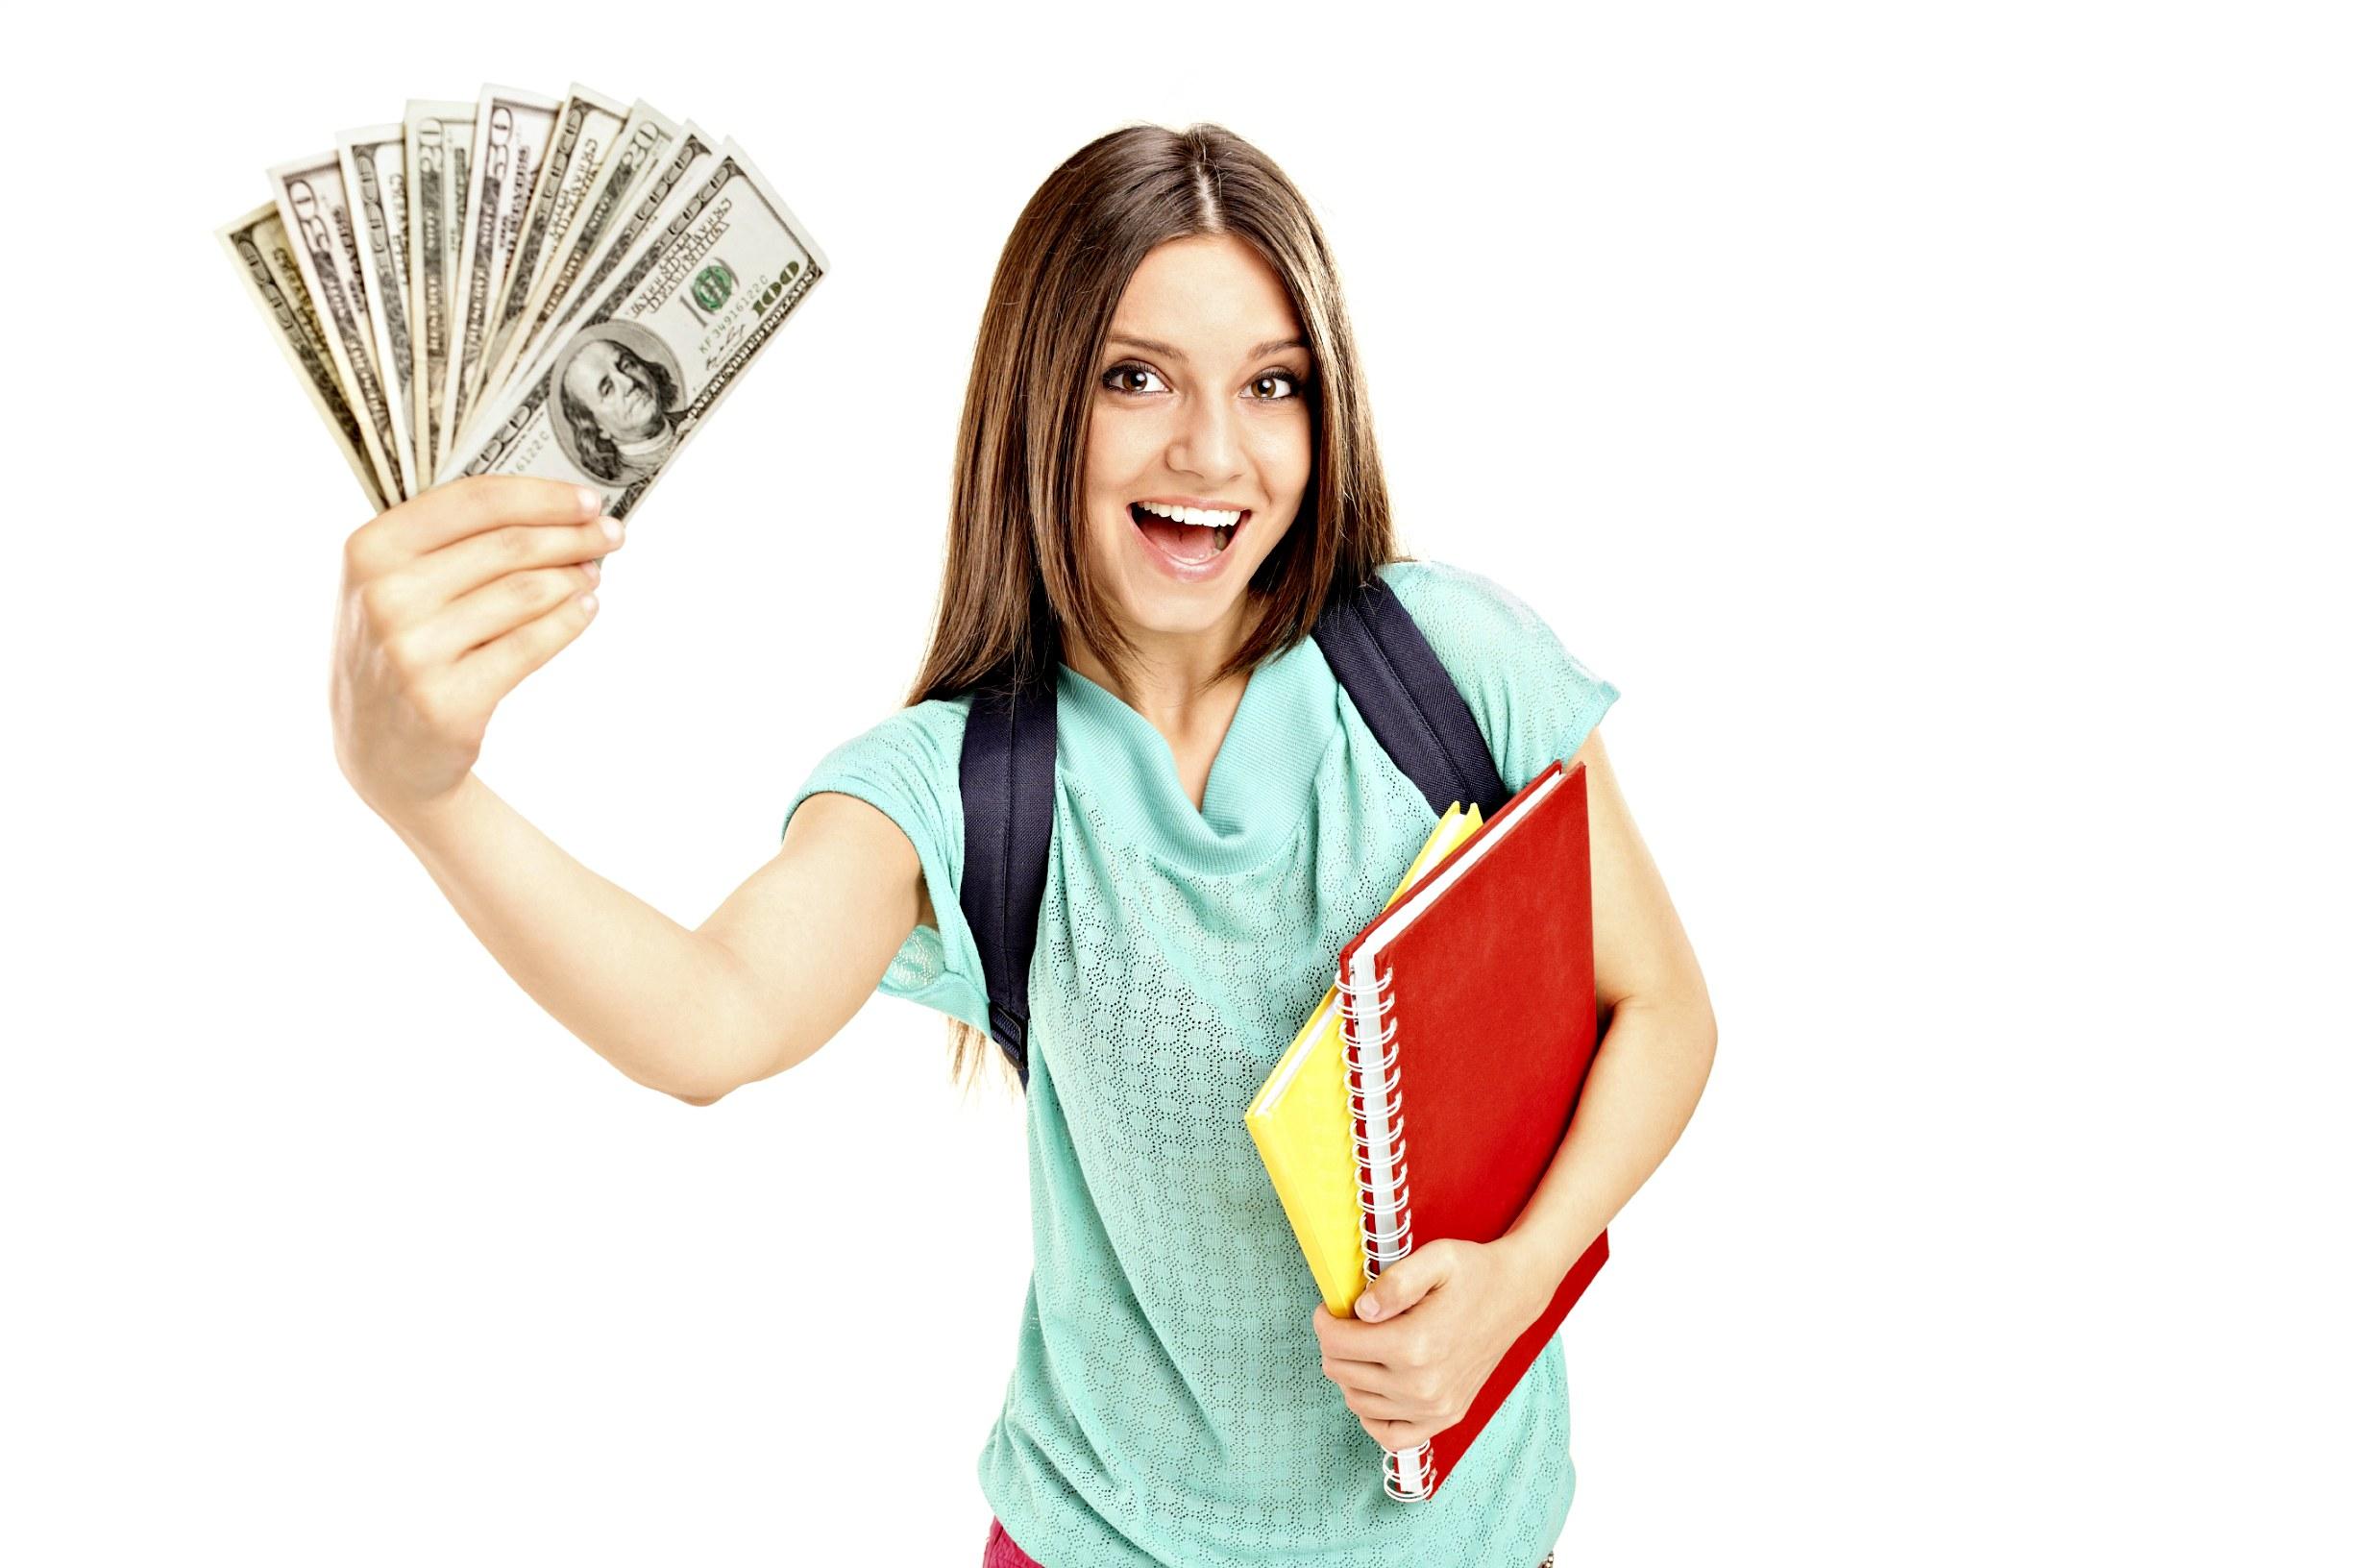 способы подработки для студентов во время учебы за границей